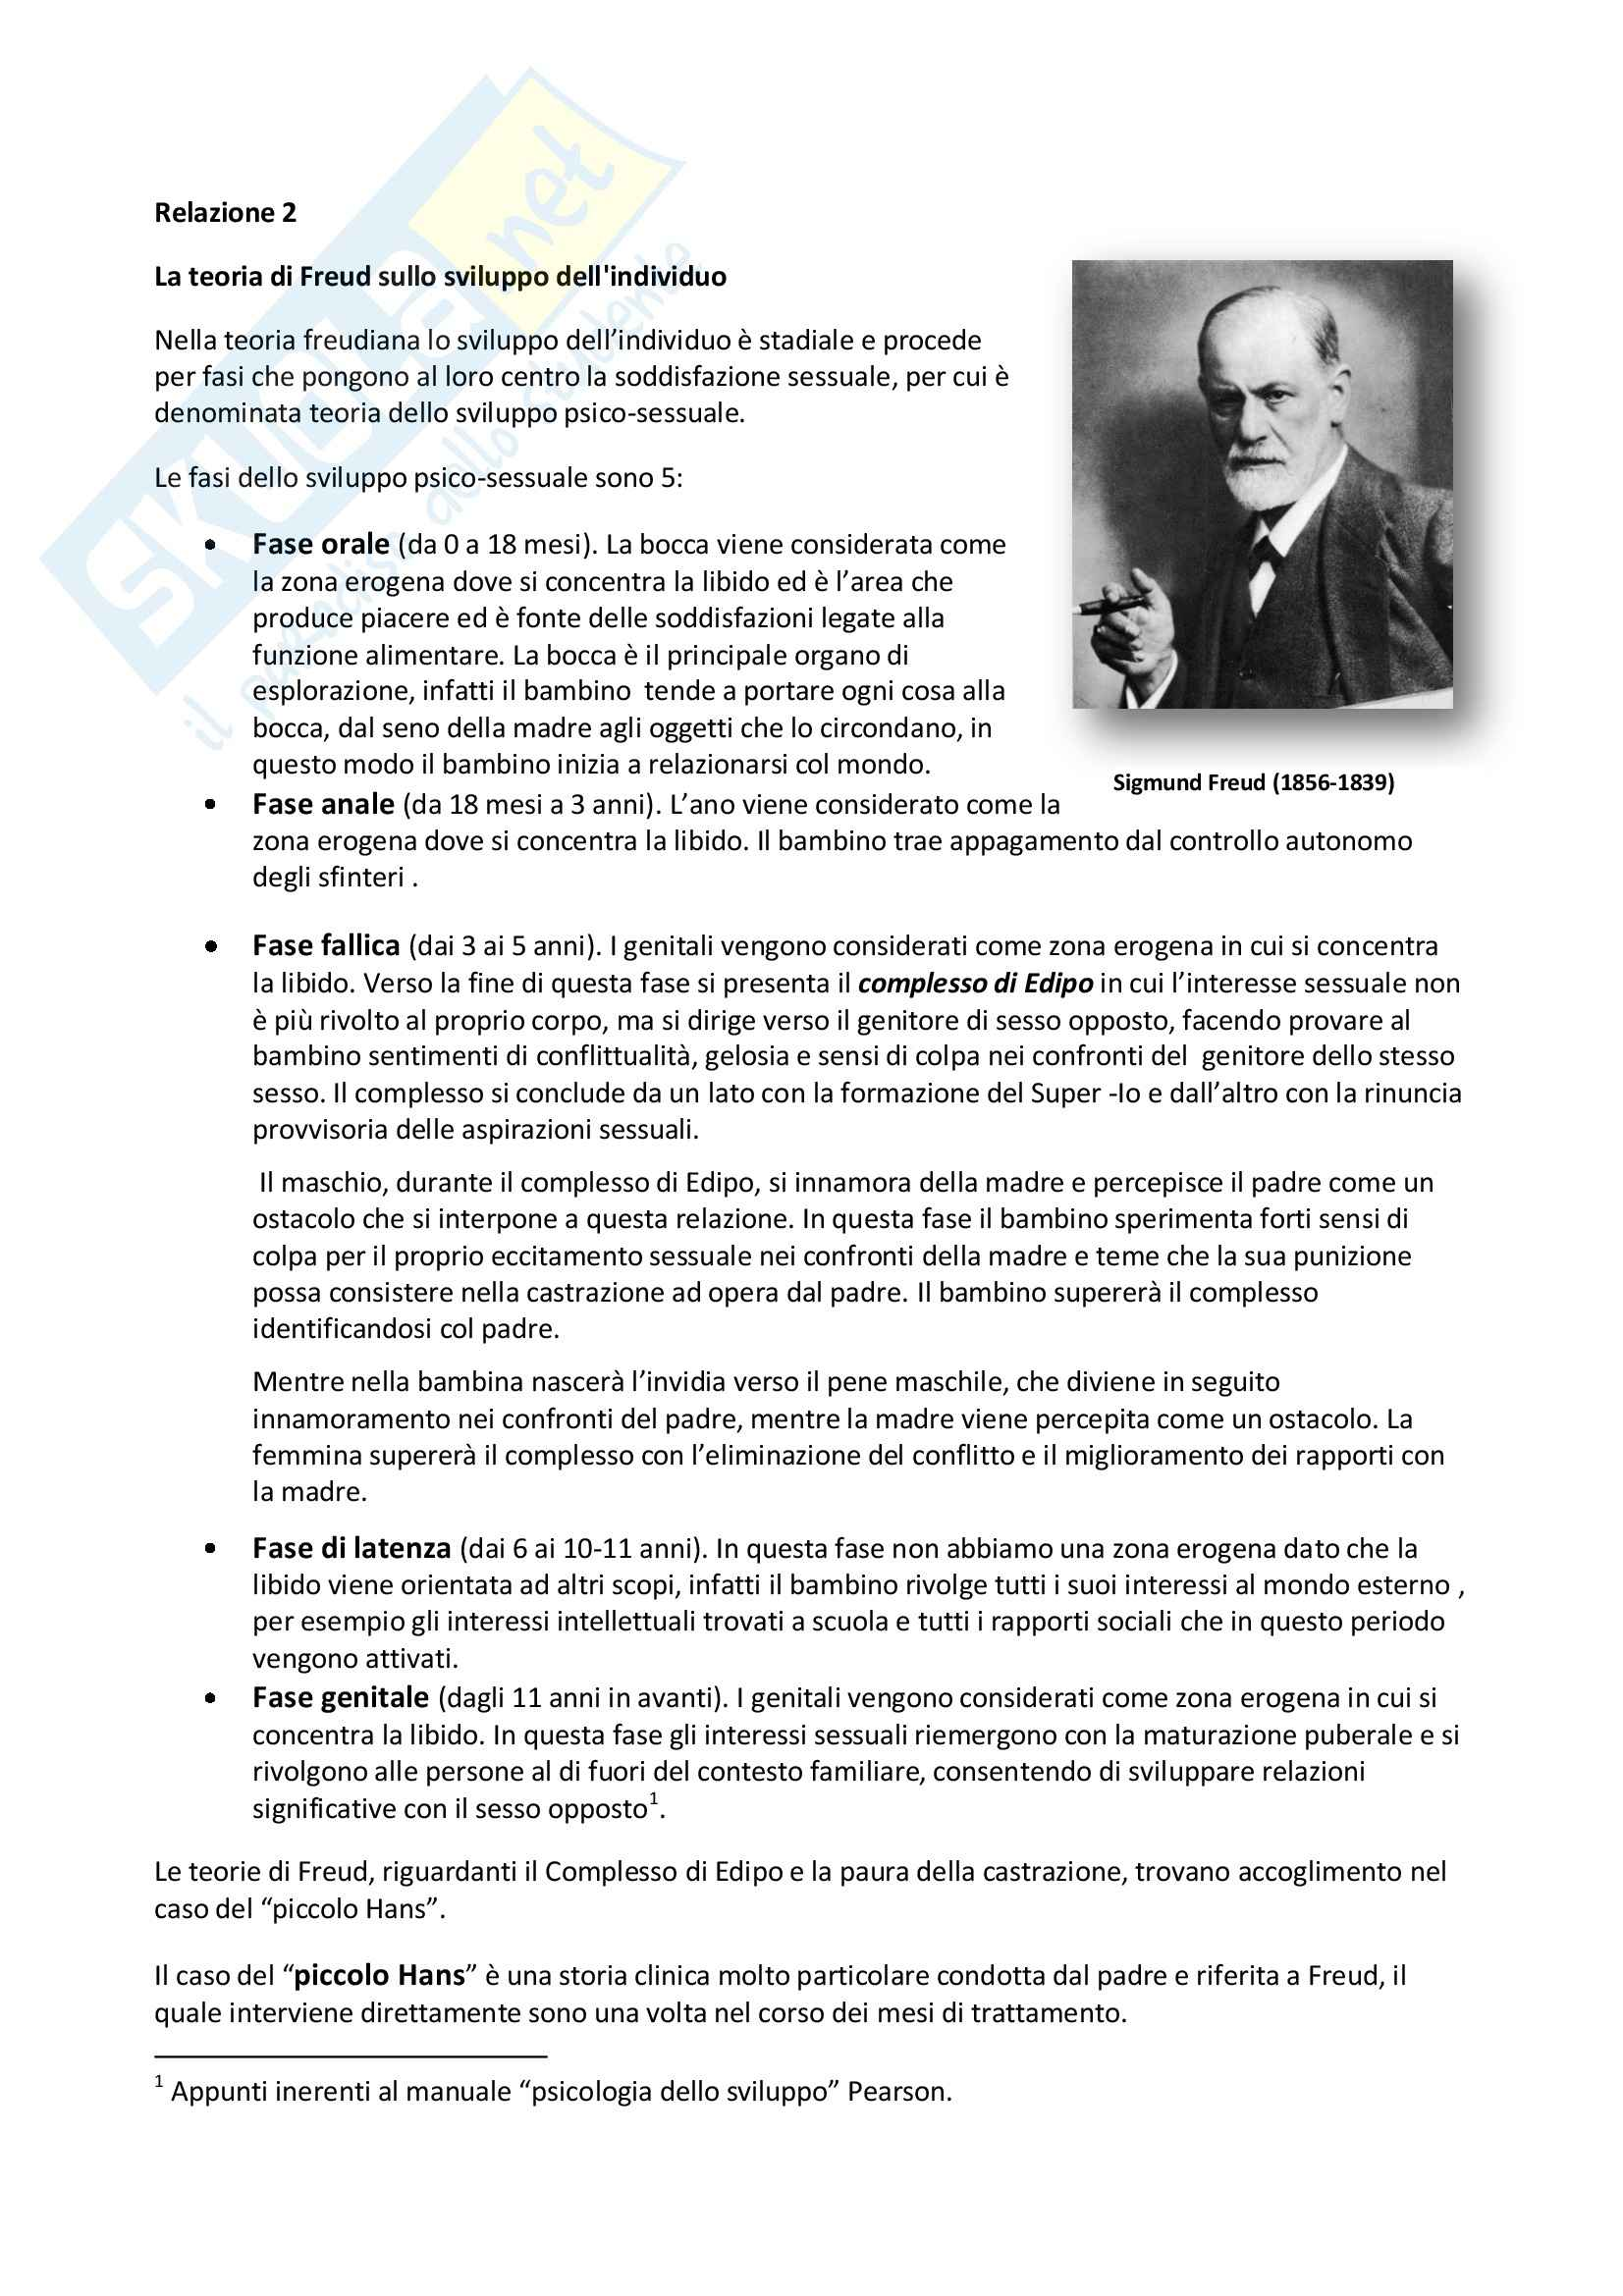 Teoria di Freud sullo sviluppo dell'individuo, Psicologia dello sviluppo